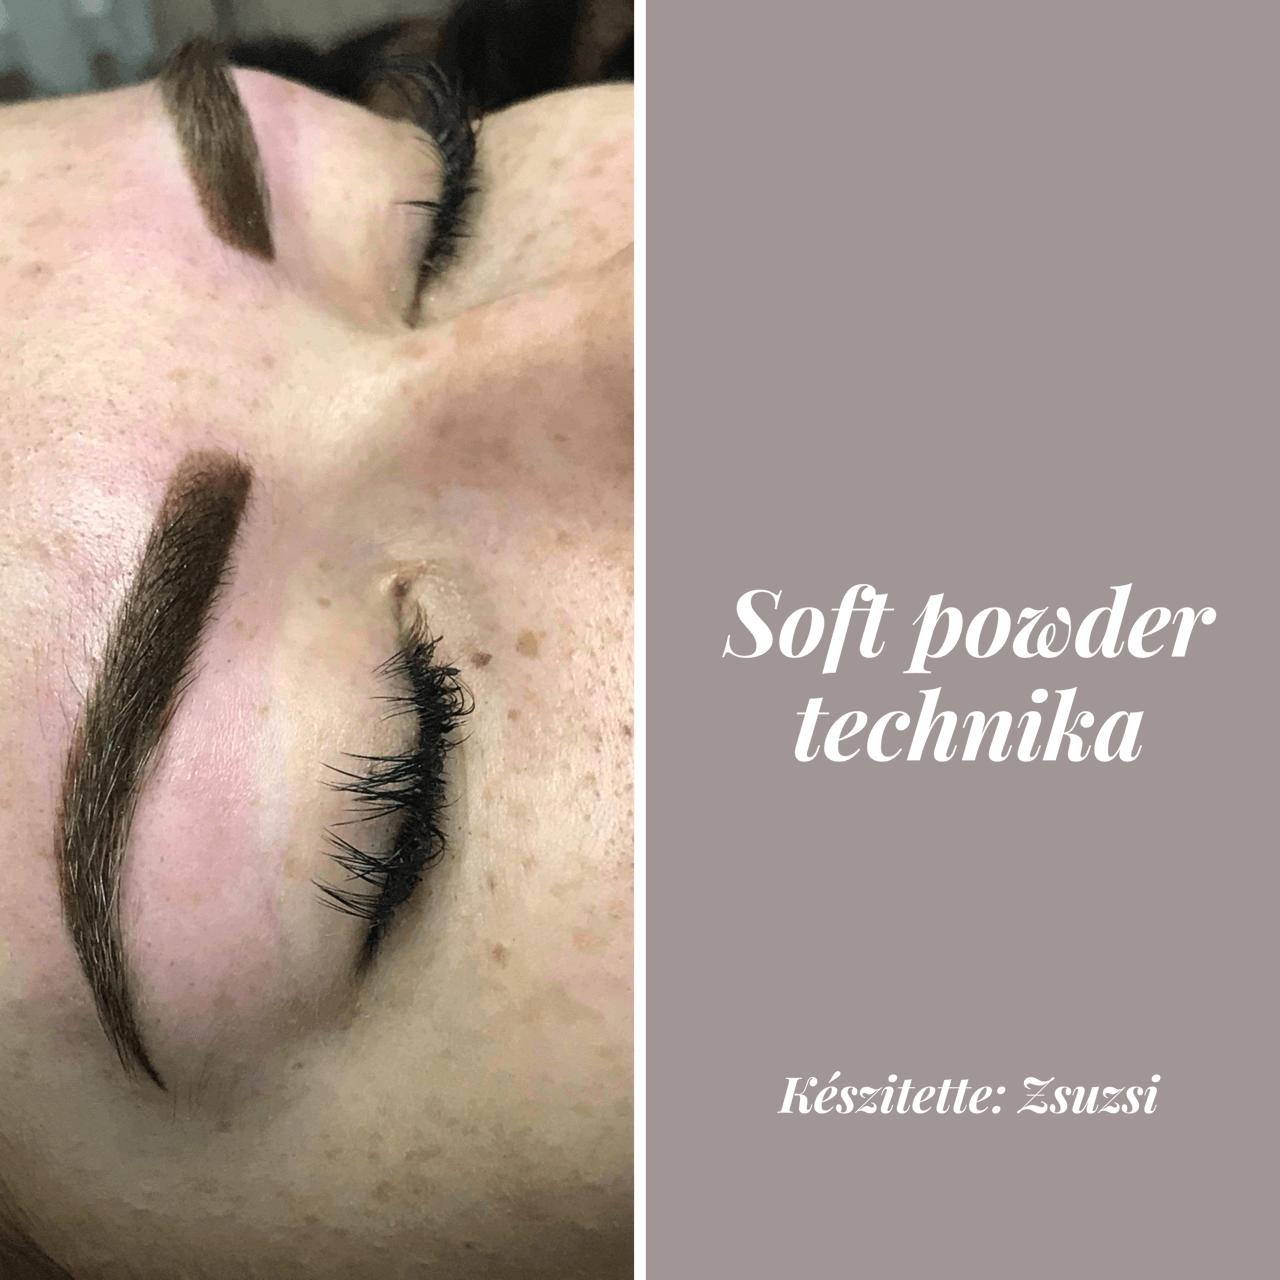 1-soft-powder